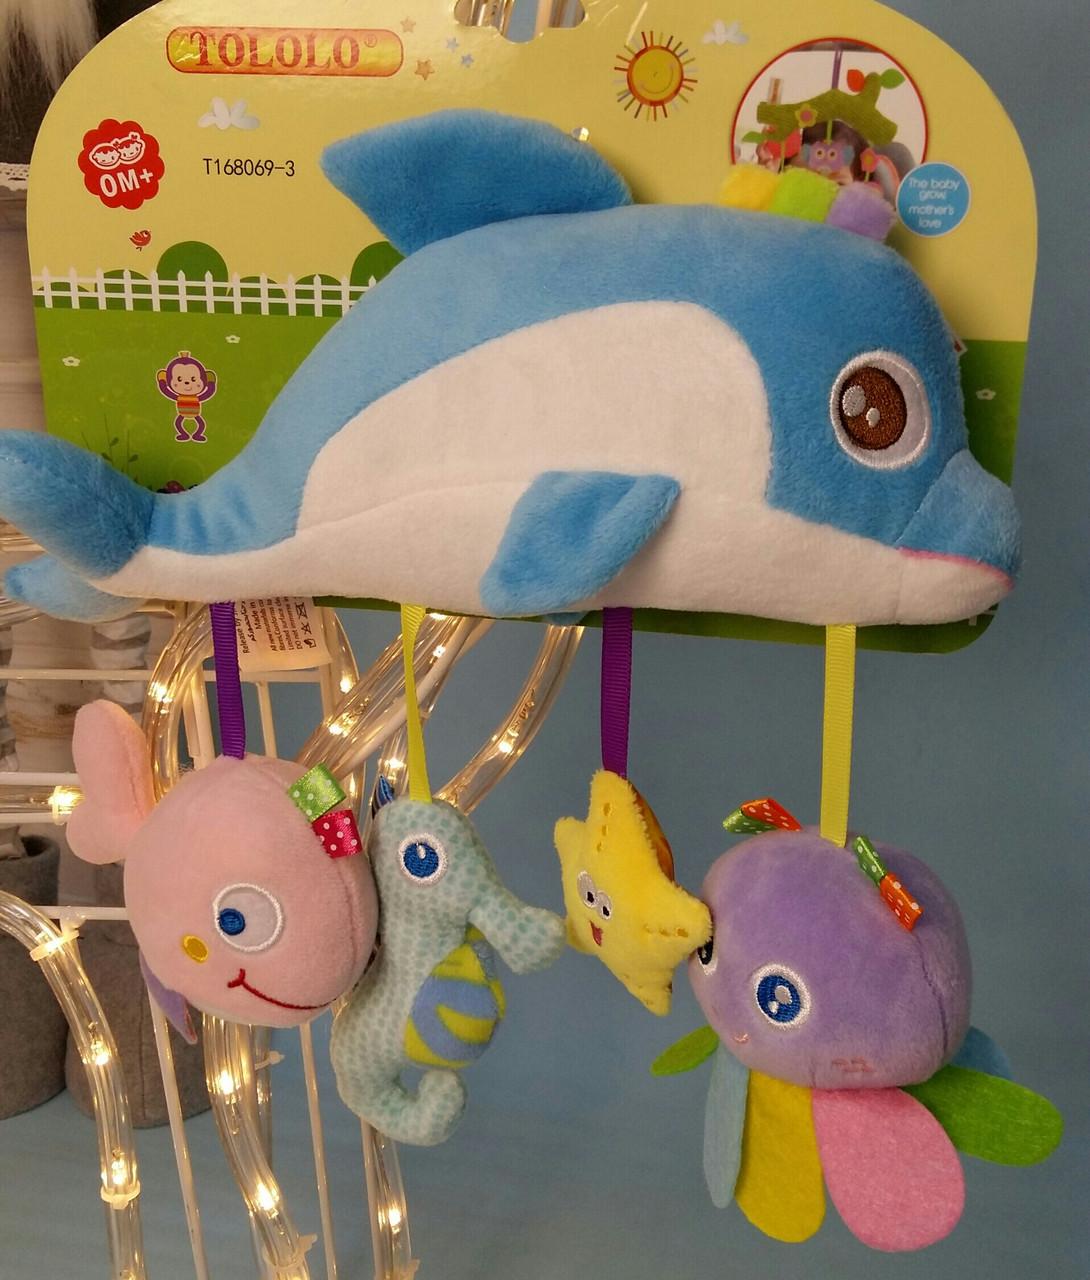 Підвіска Дельфін з іграшками на коляску, ліжечко, автокрісло, Tololo Х12352